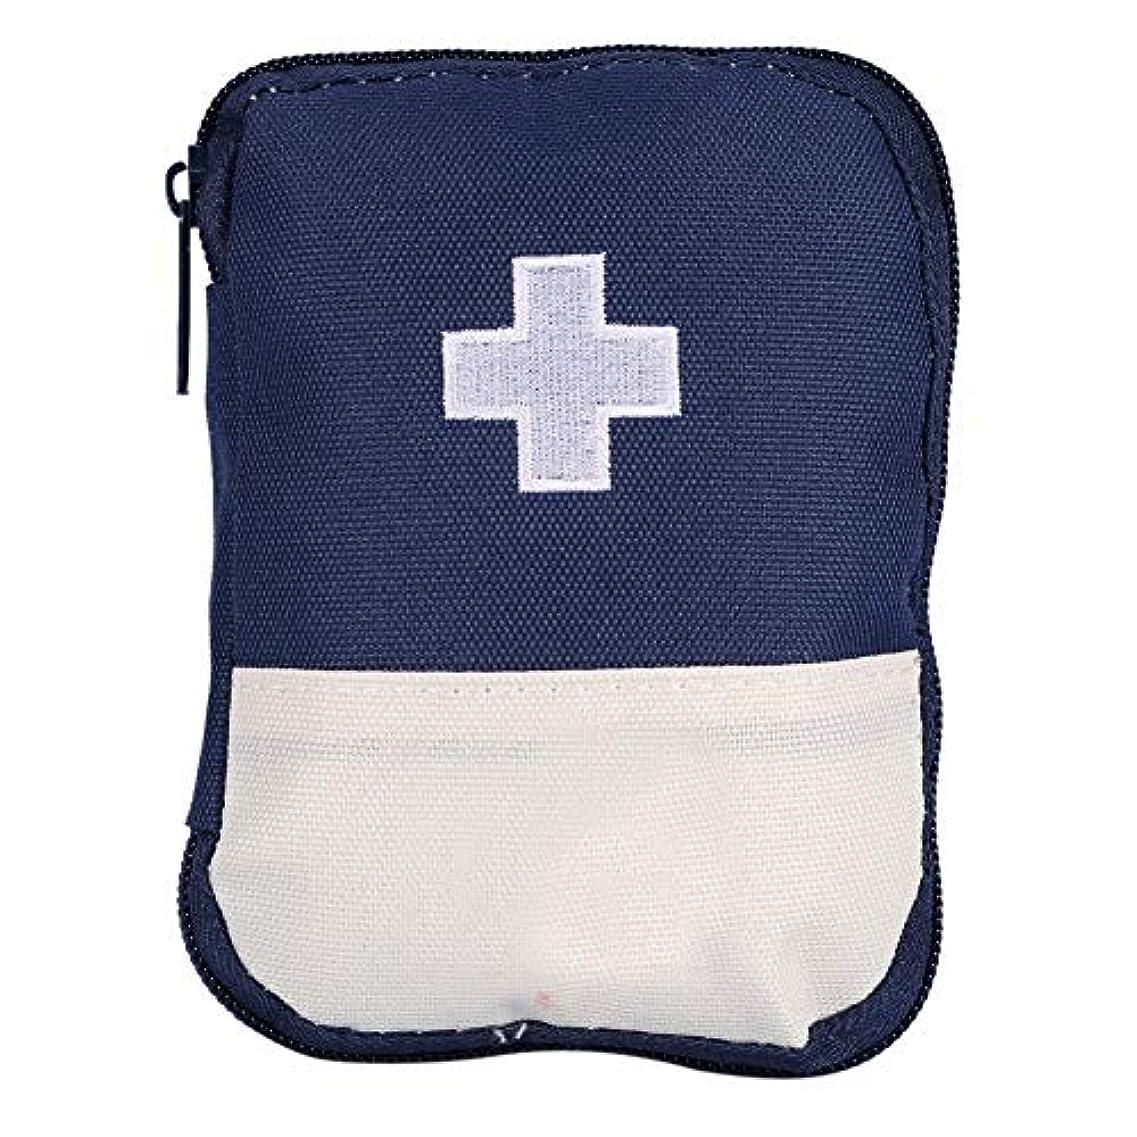 他の場所生理おんどりYxsd 応急処置キット 緊急サバイバルバッグ、耐久性のあるホームカー緊急救急救助サバイバルバッグ外傷ボックスケース医療ポーチサバイバル屋外 (Color : Blue S)